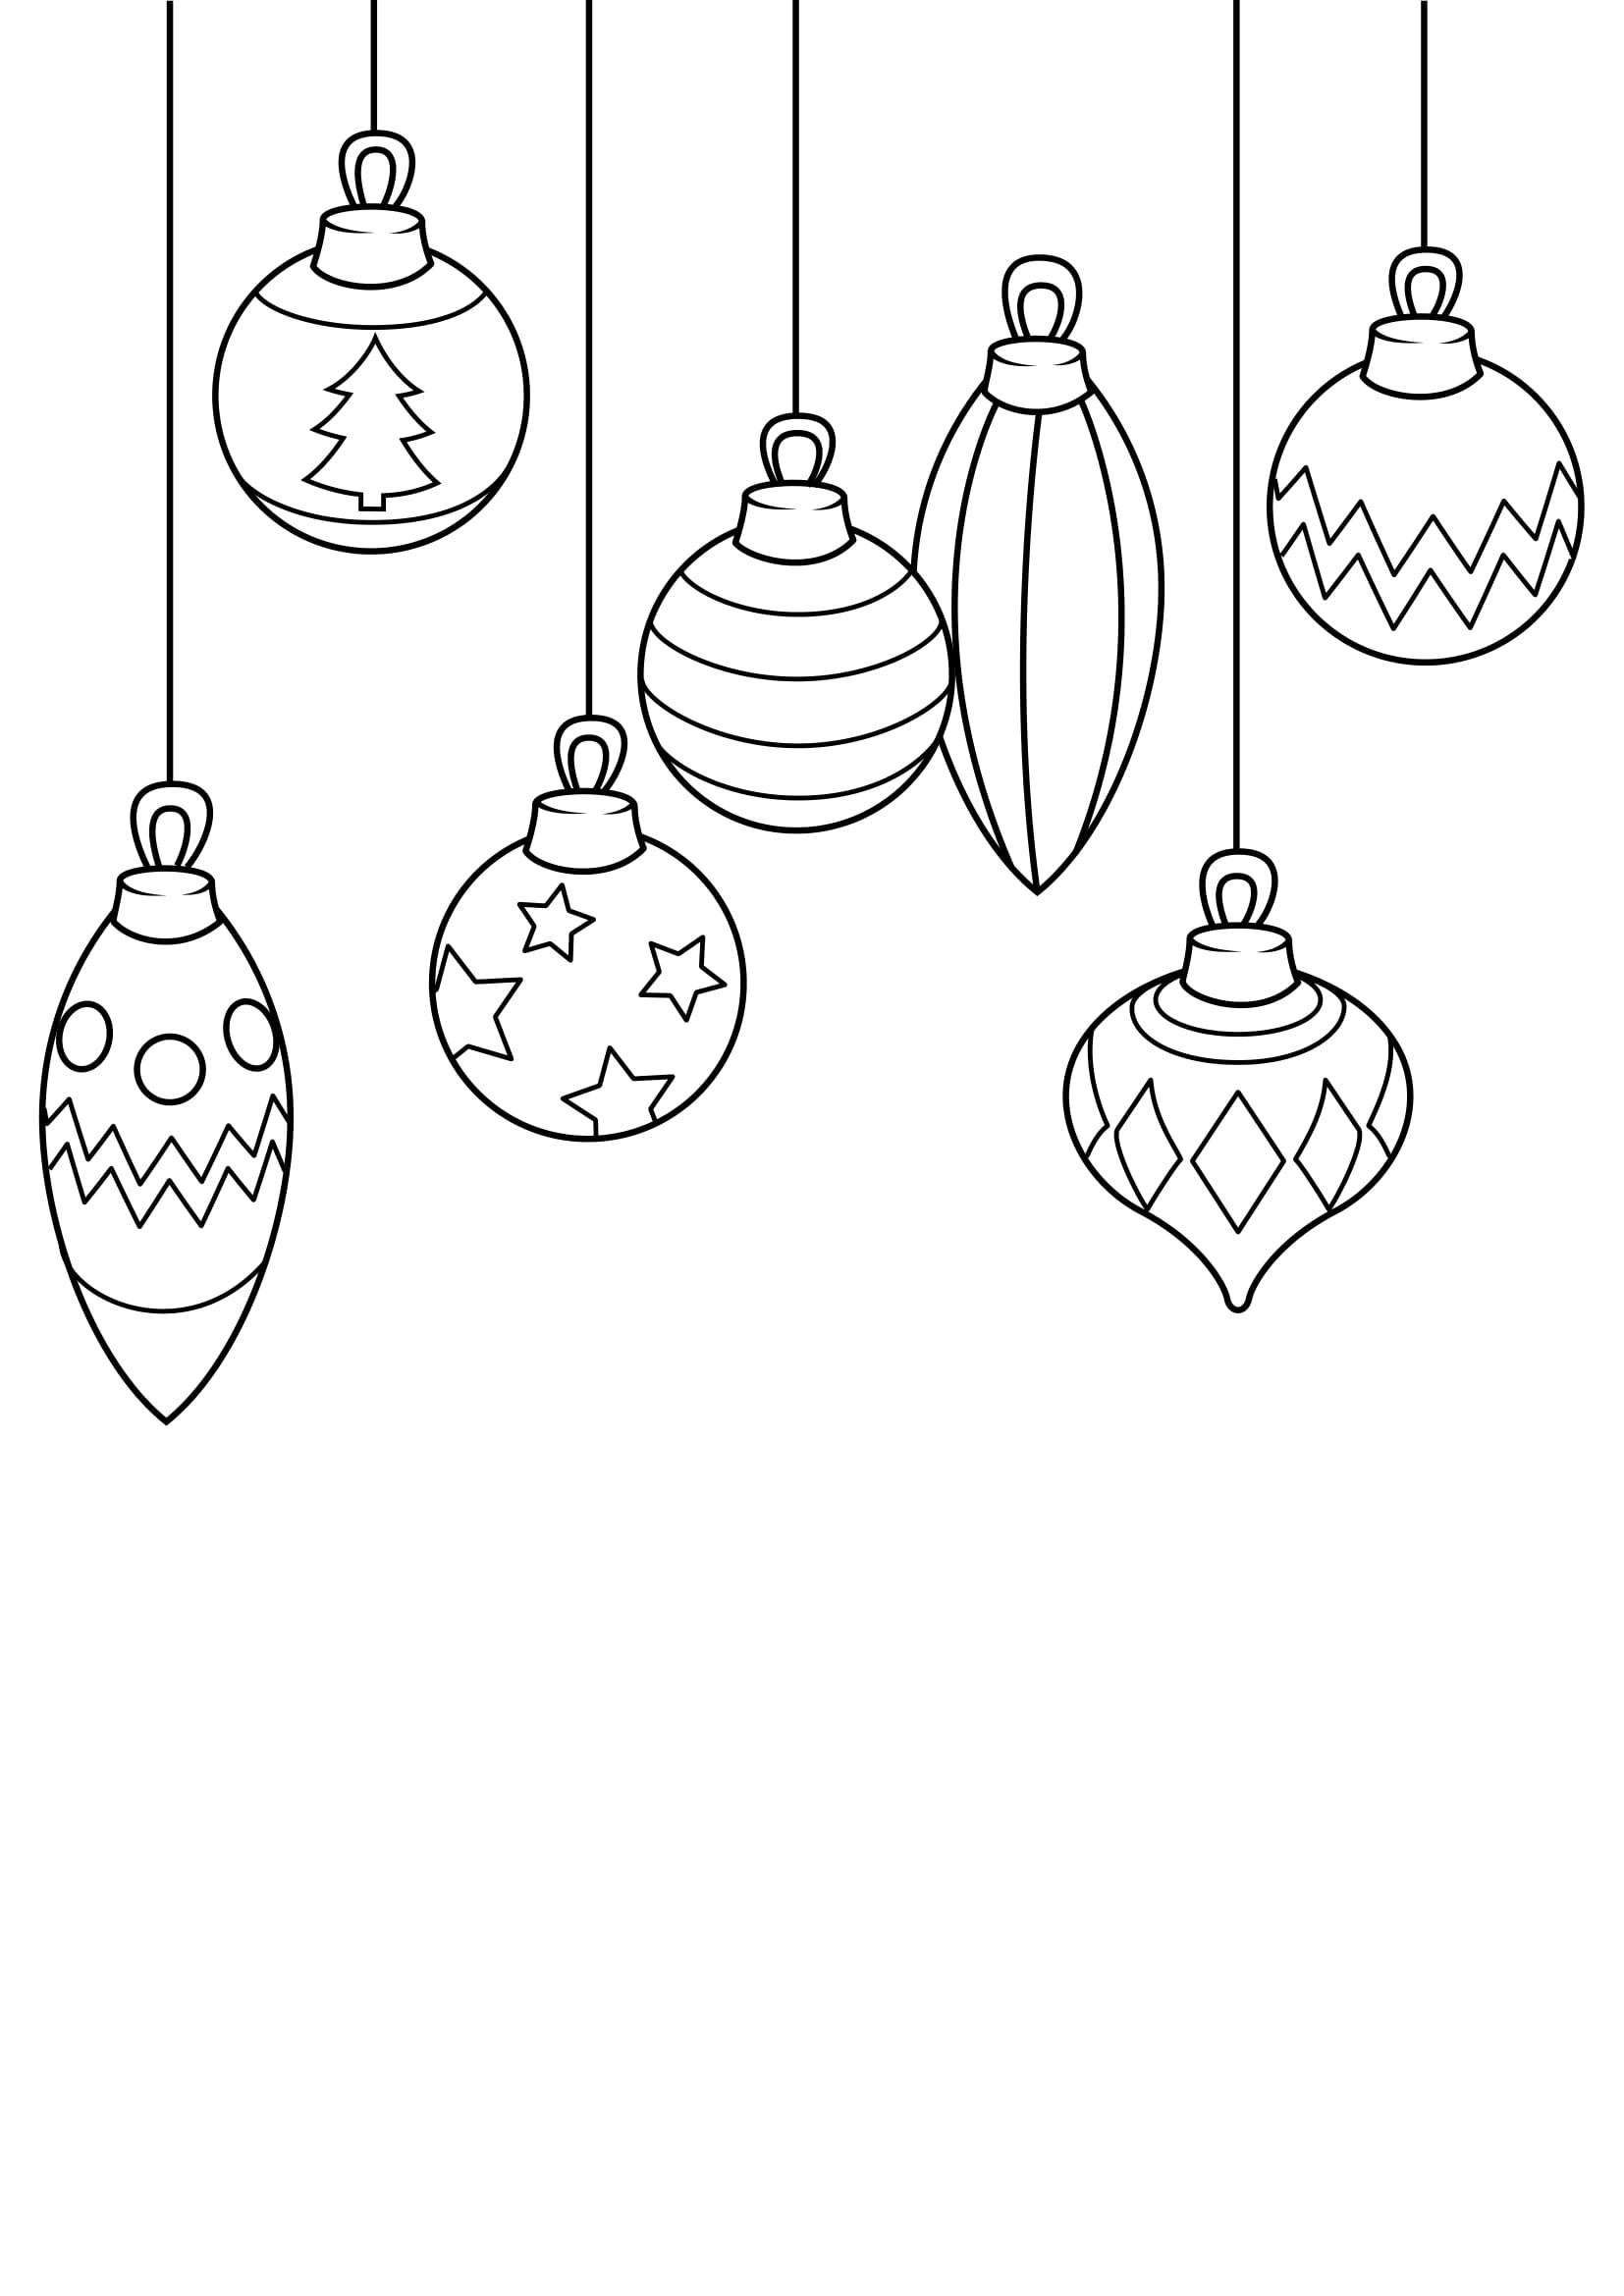 Disegni Di Natale Semplici.Disegni Di Natale Da Colorare Aspettandonatale